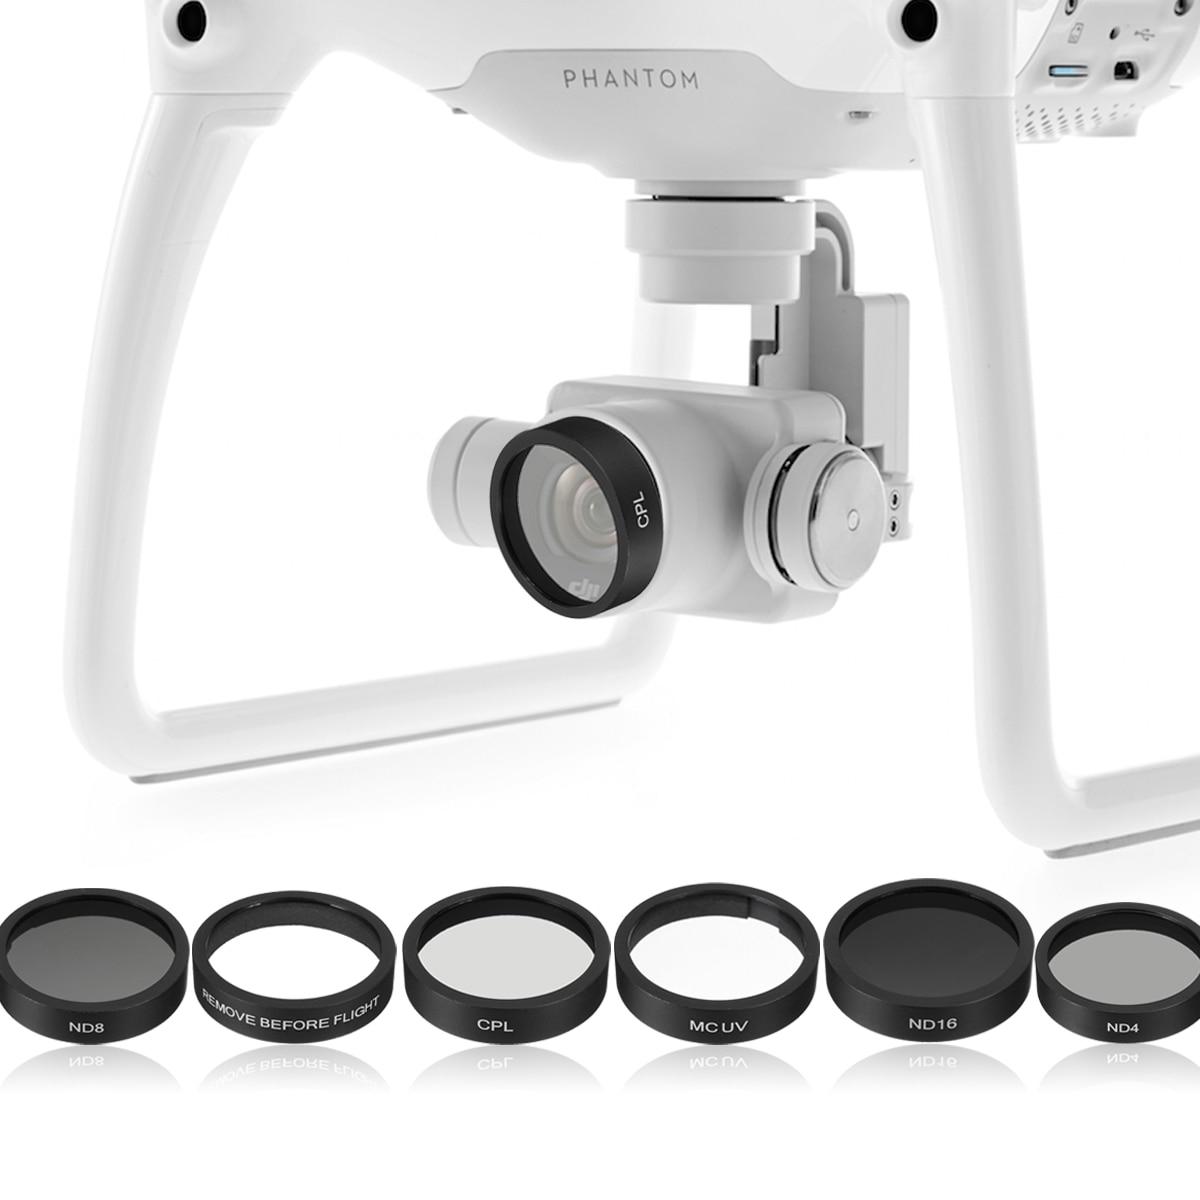 6 قطعة كاميرا عدسة UV + CPL + ND4/8/16 فلتر حماية ل DJI فانتوم 4/ فانتوم 3 برو/المتقدمة RC438